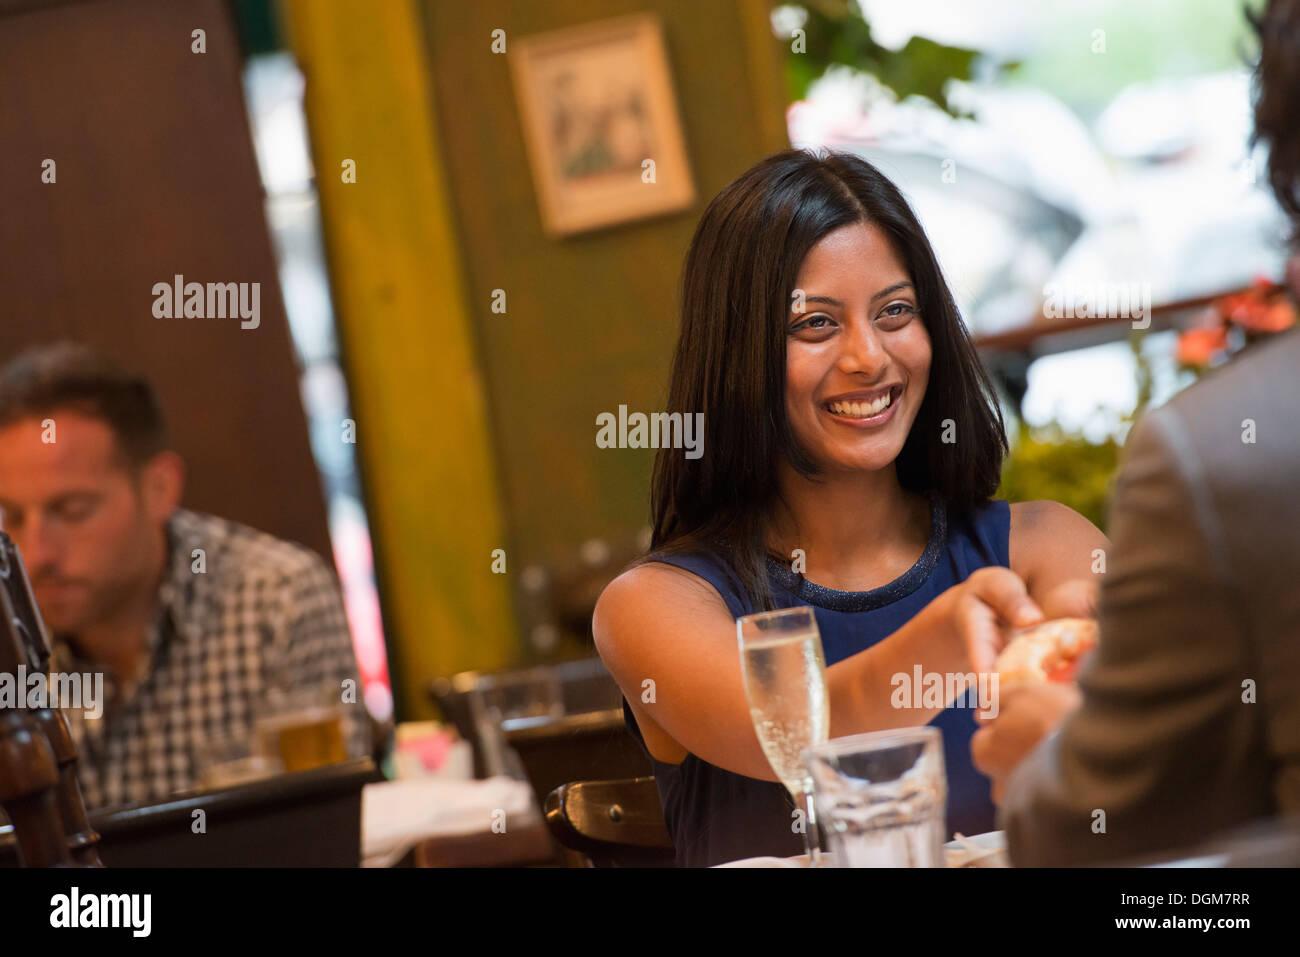 La gente di affari. Due persone sedute a un tavolo tenendo le mani. Un uomo in background. Immagini Stock